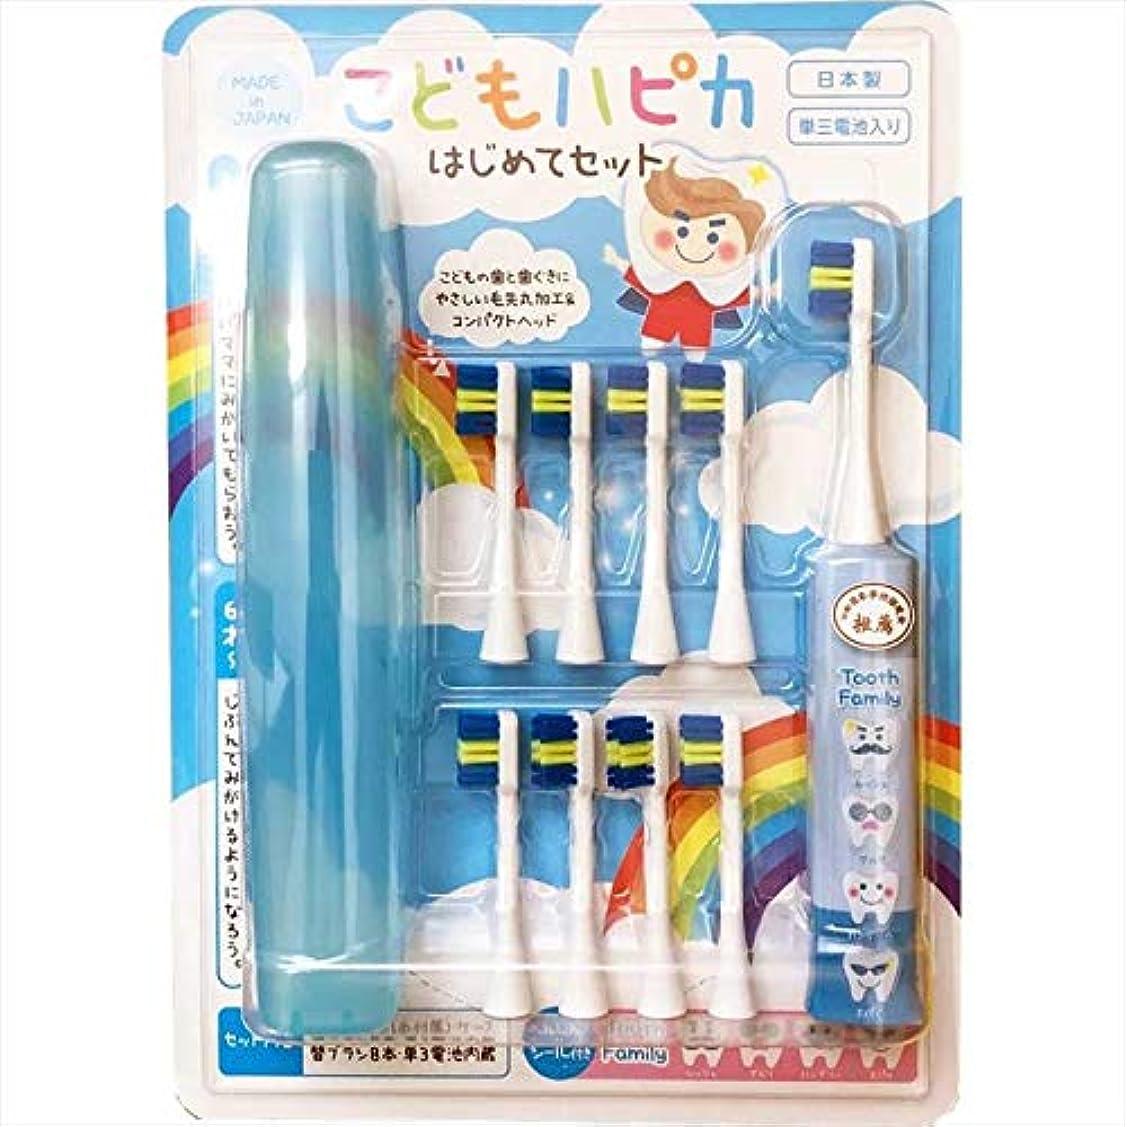 心配試験ぬいぐるみこどもハピカセット ブルー 子供用電動歯ブラシ